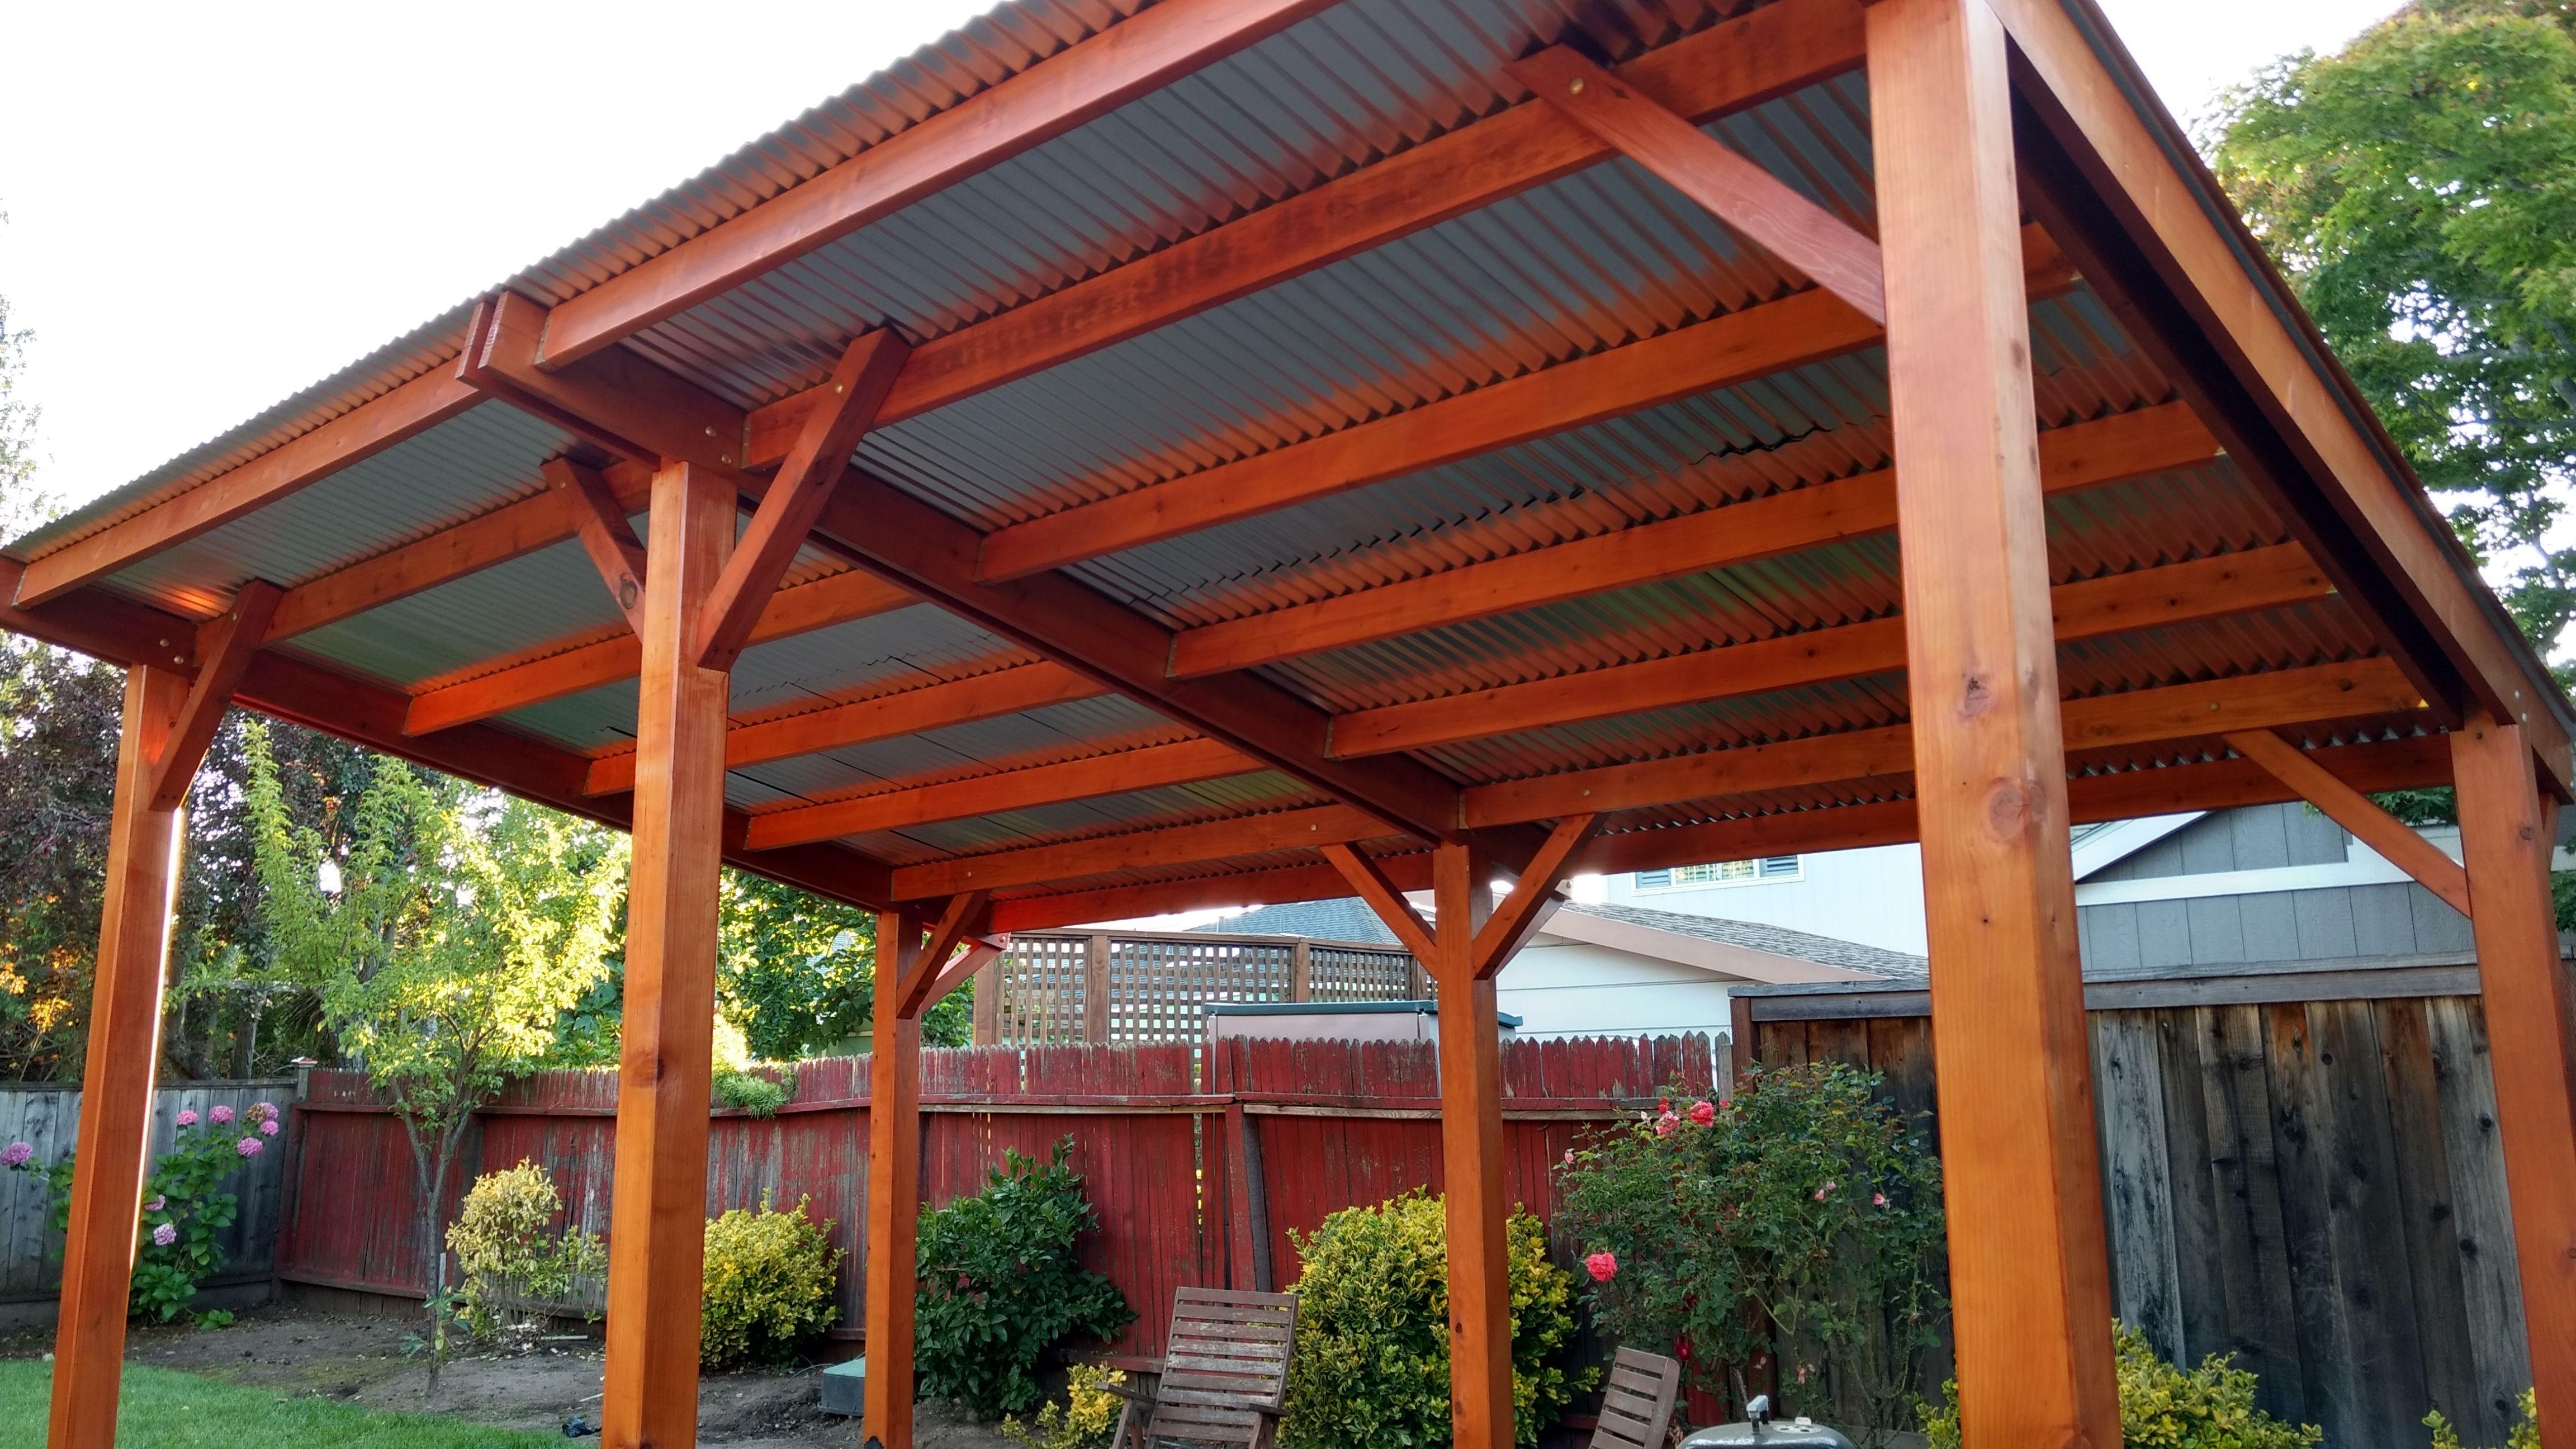 Metal roof Pergola shade, Pergola patio, Curved pergola